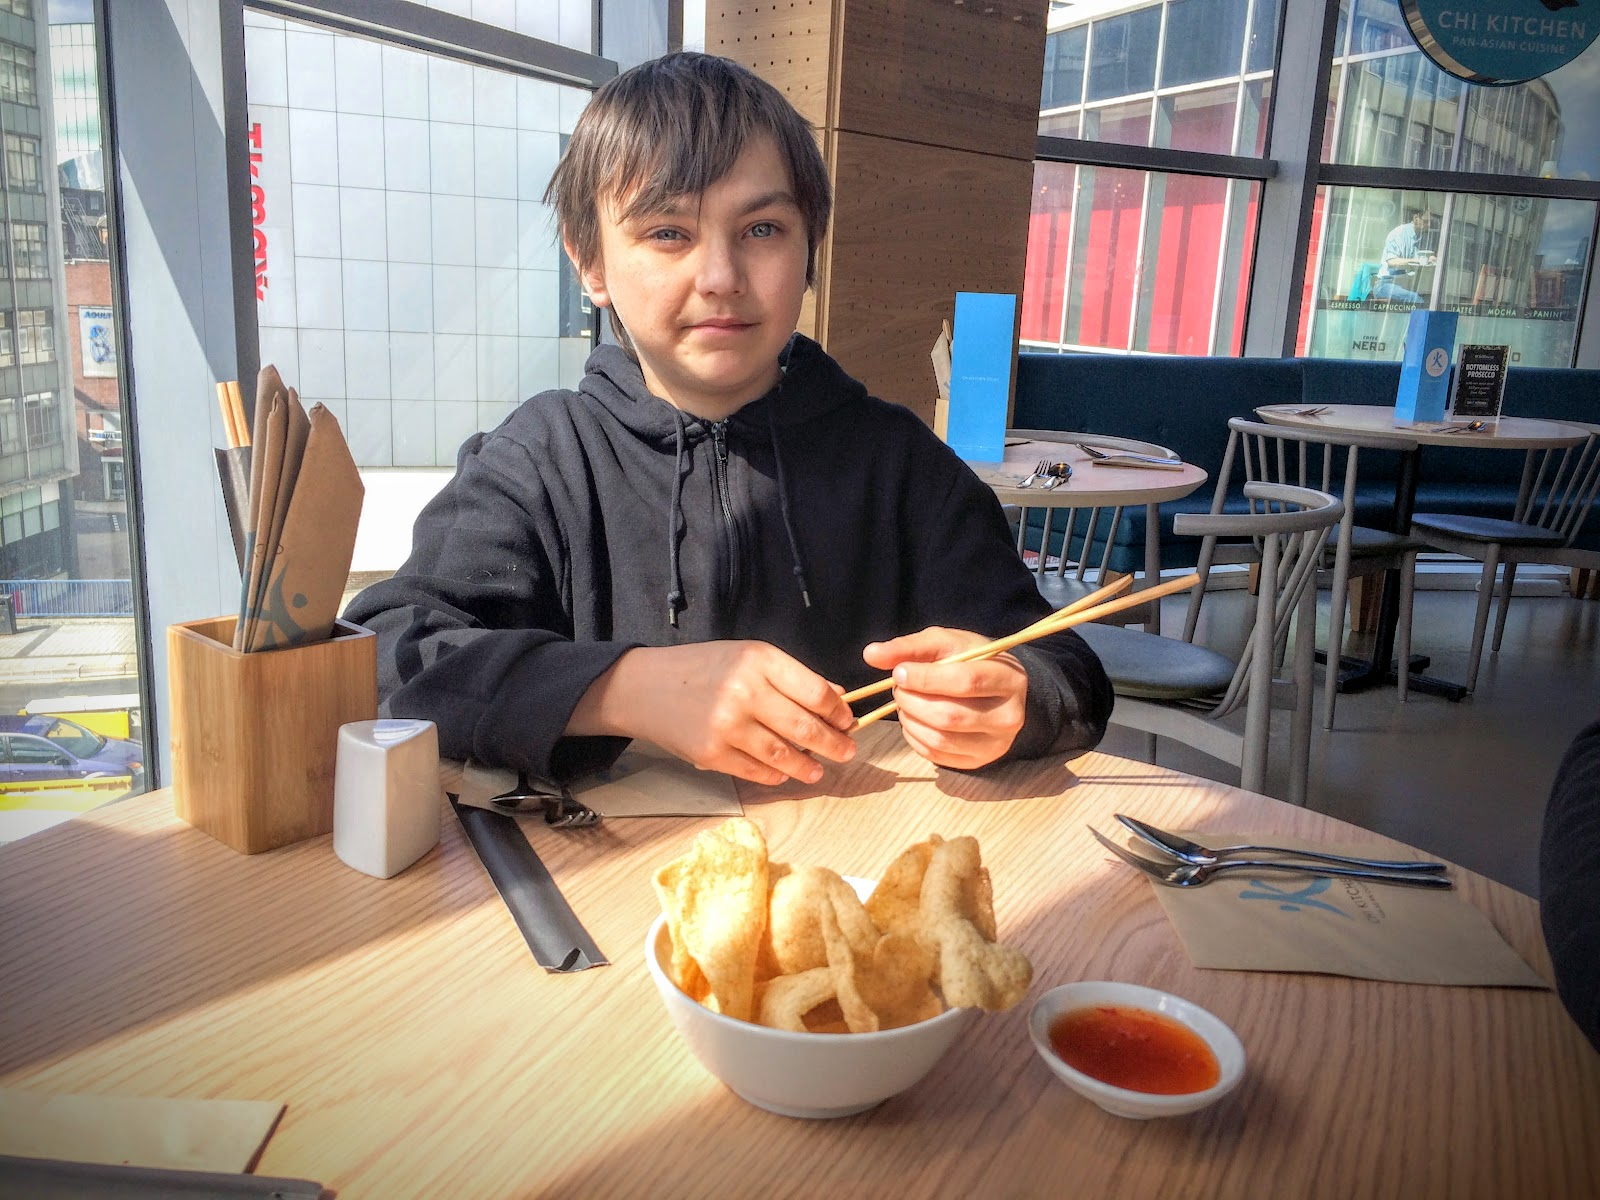 , Birmingham Part 2: Pan Asian Cuisine at Chi Kitchen